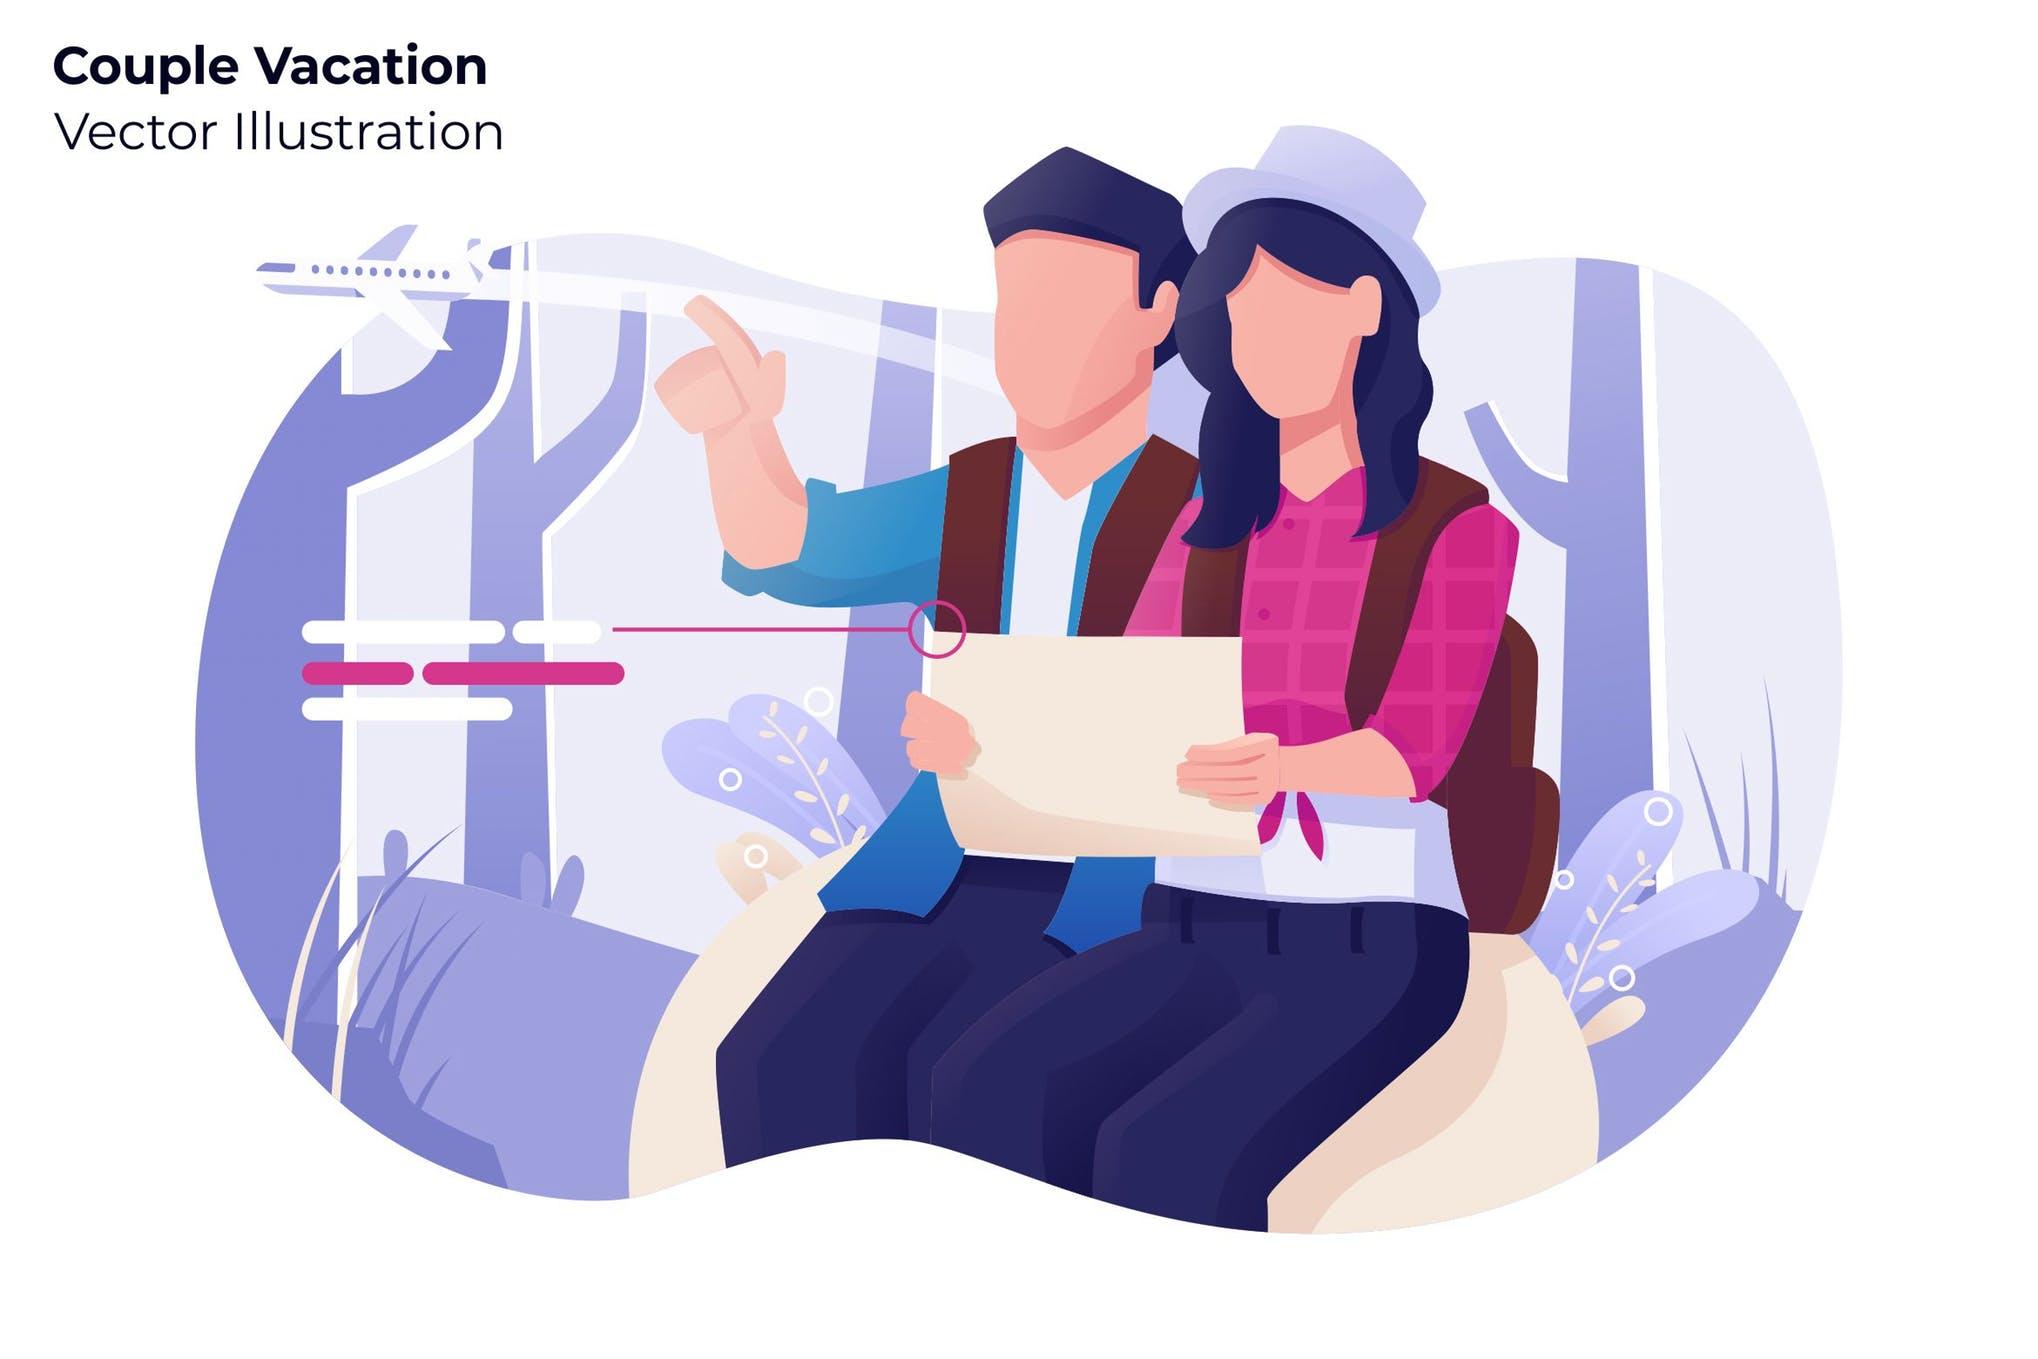 情侣度假系列场景素材下载Couple Vacation - Vector Illustration